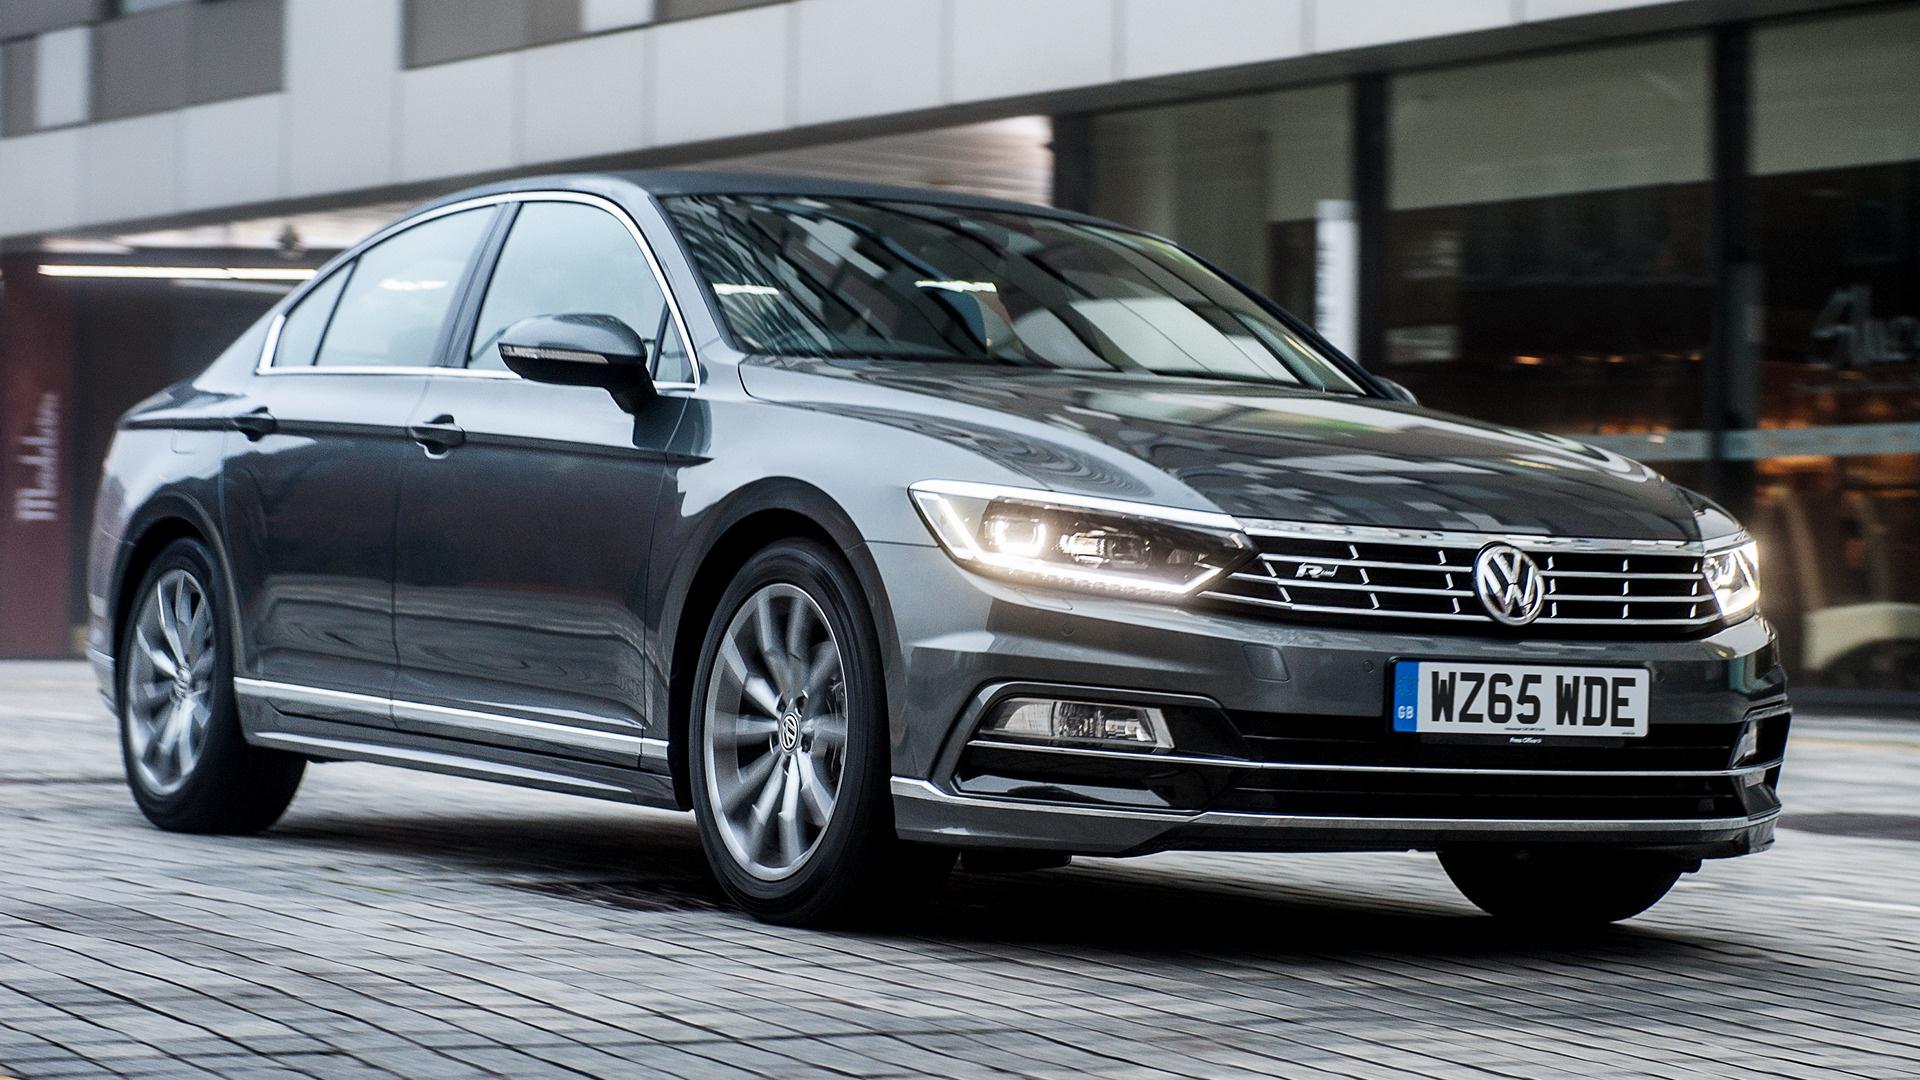 Volkswagen Passat R-Line (2015) UK Wallpapers and HD Images - Car Pixel